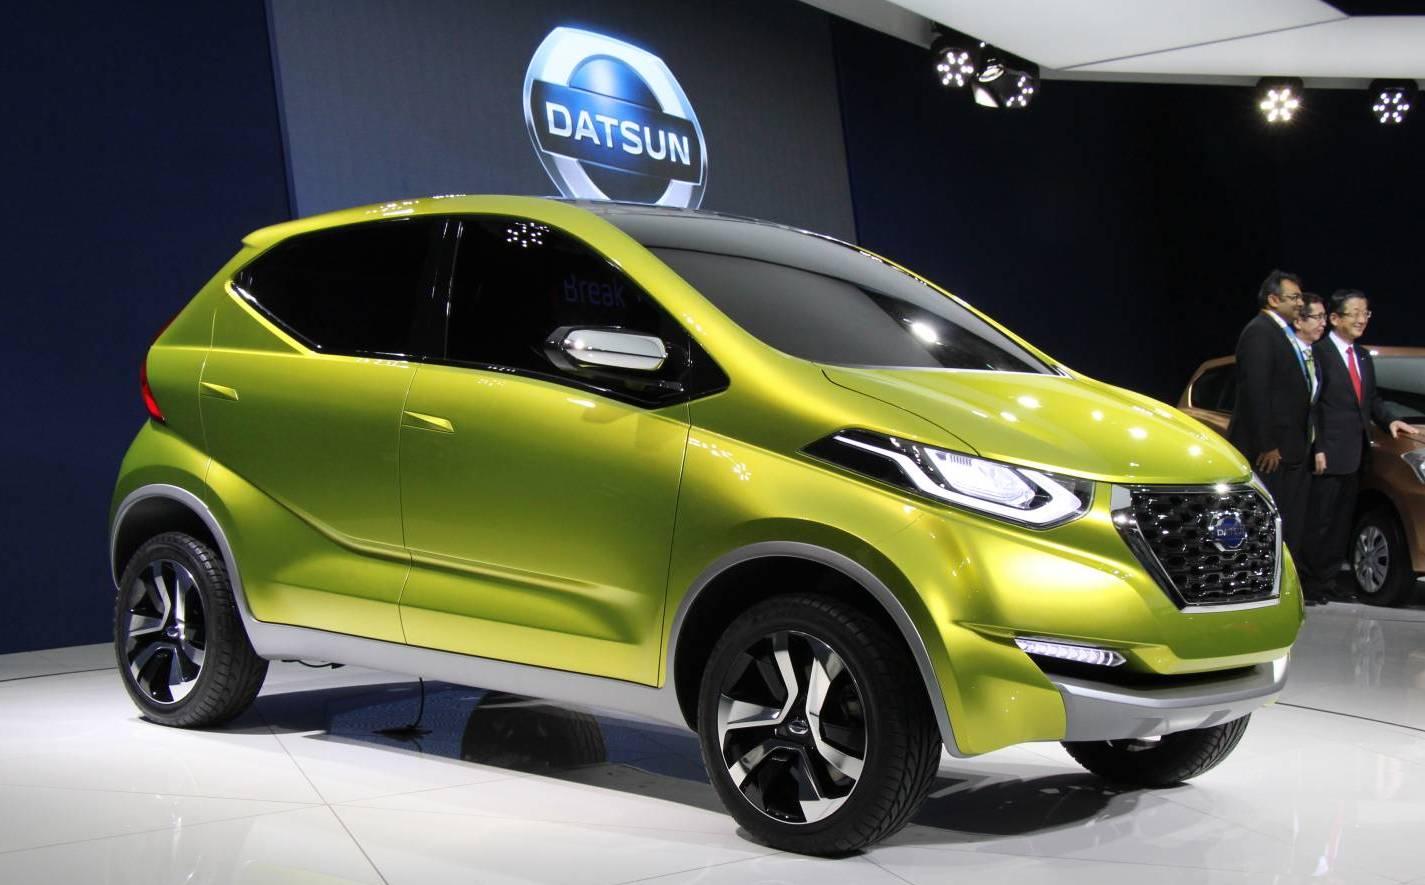 2014 Chevy Cruze Ltz For Sale >> Datsun Redi Go Mini Suv Concept Debuts In Delhi | Autos Post